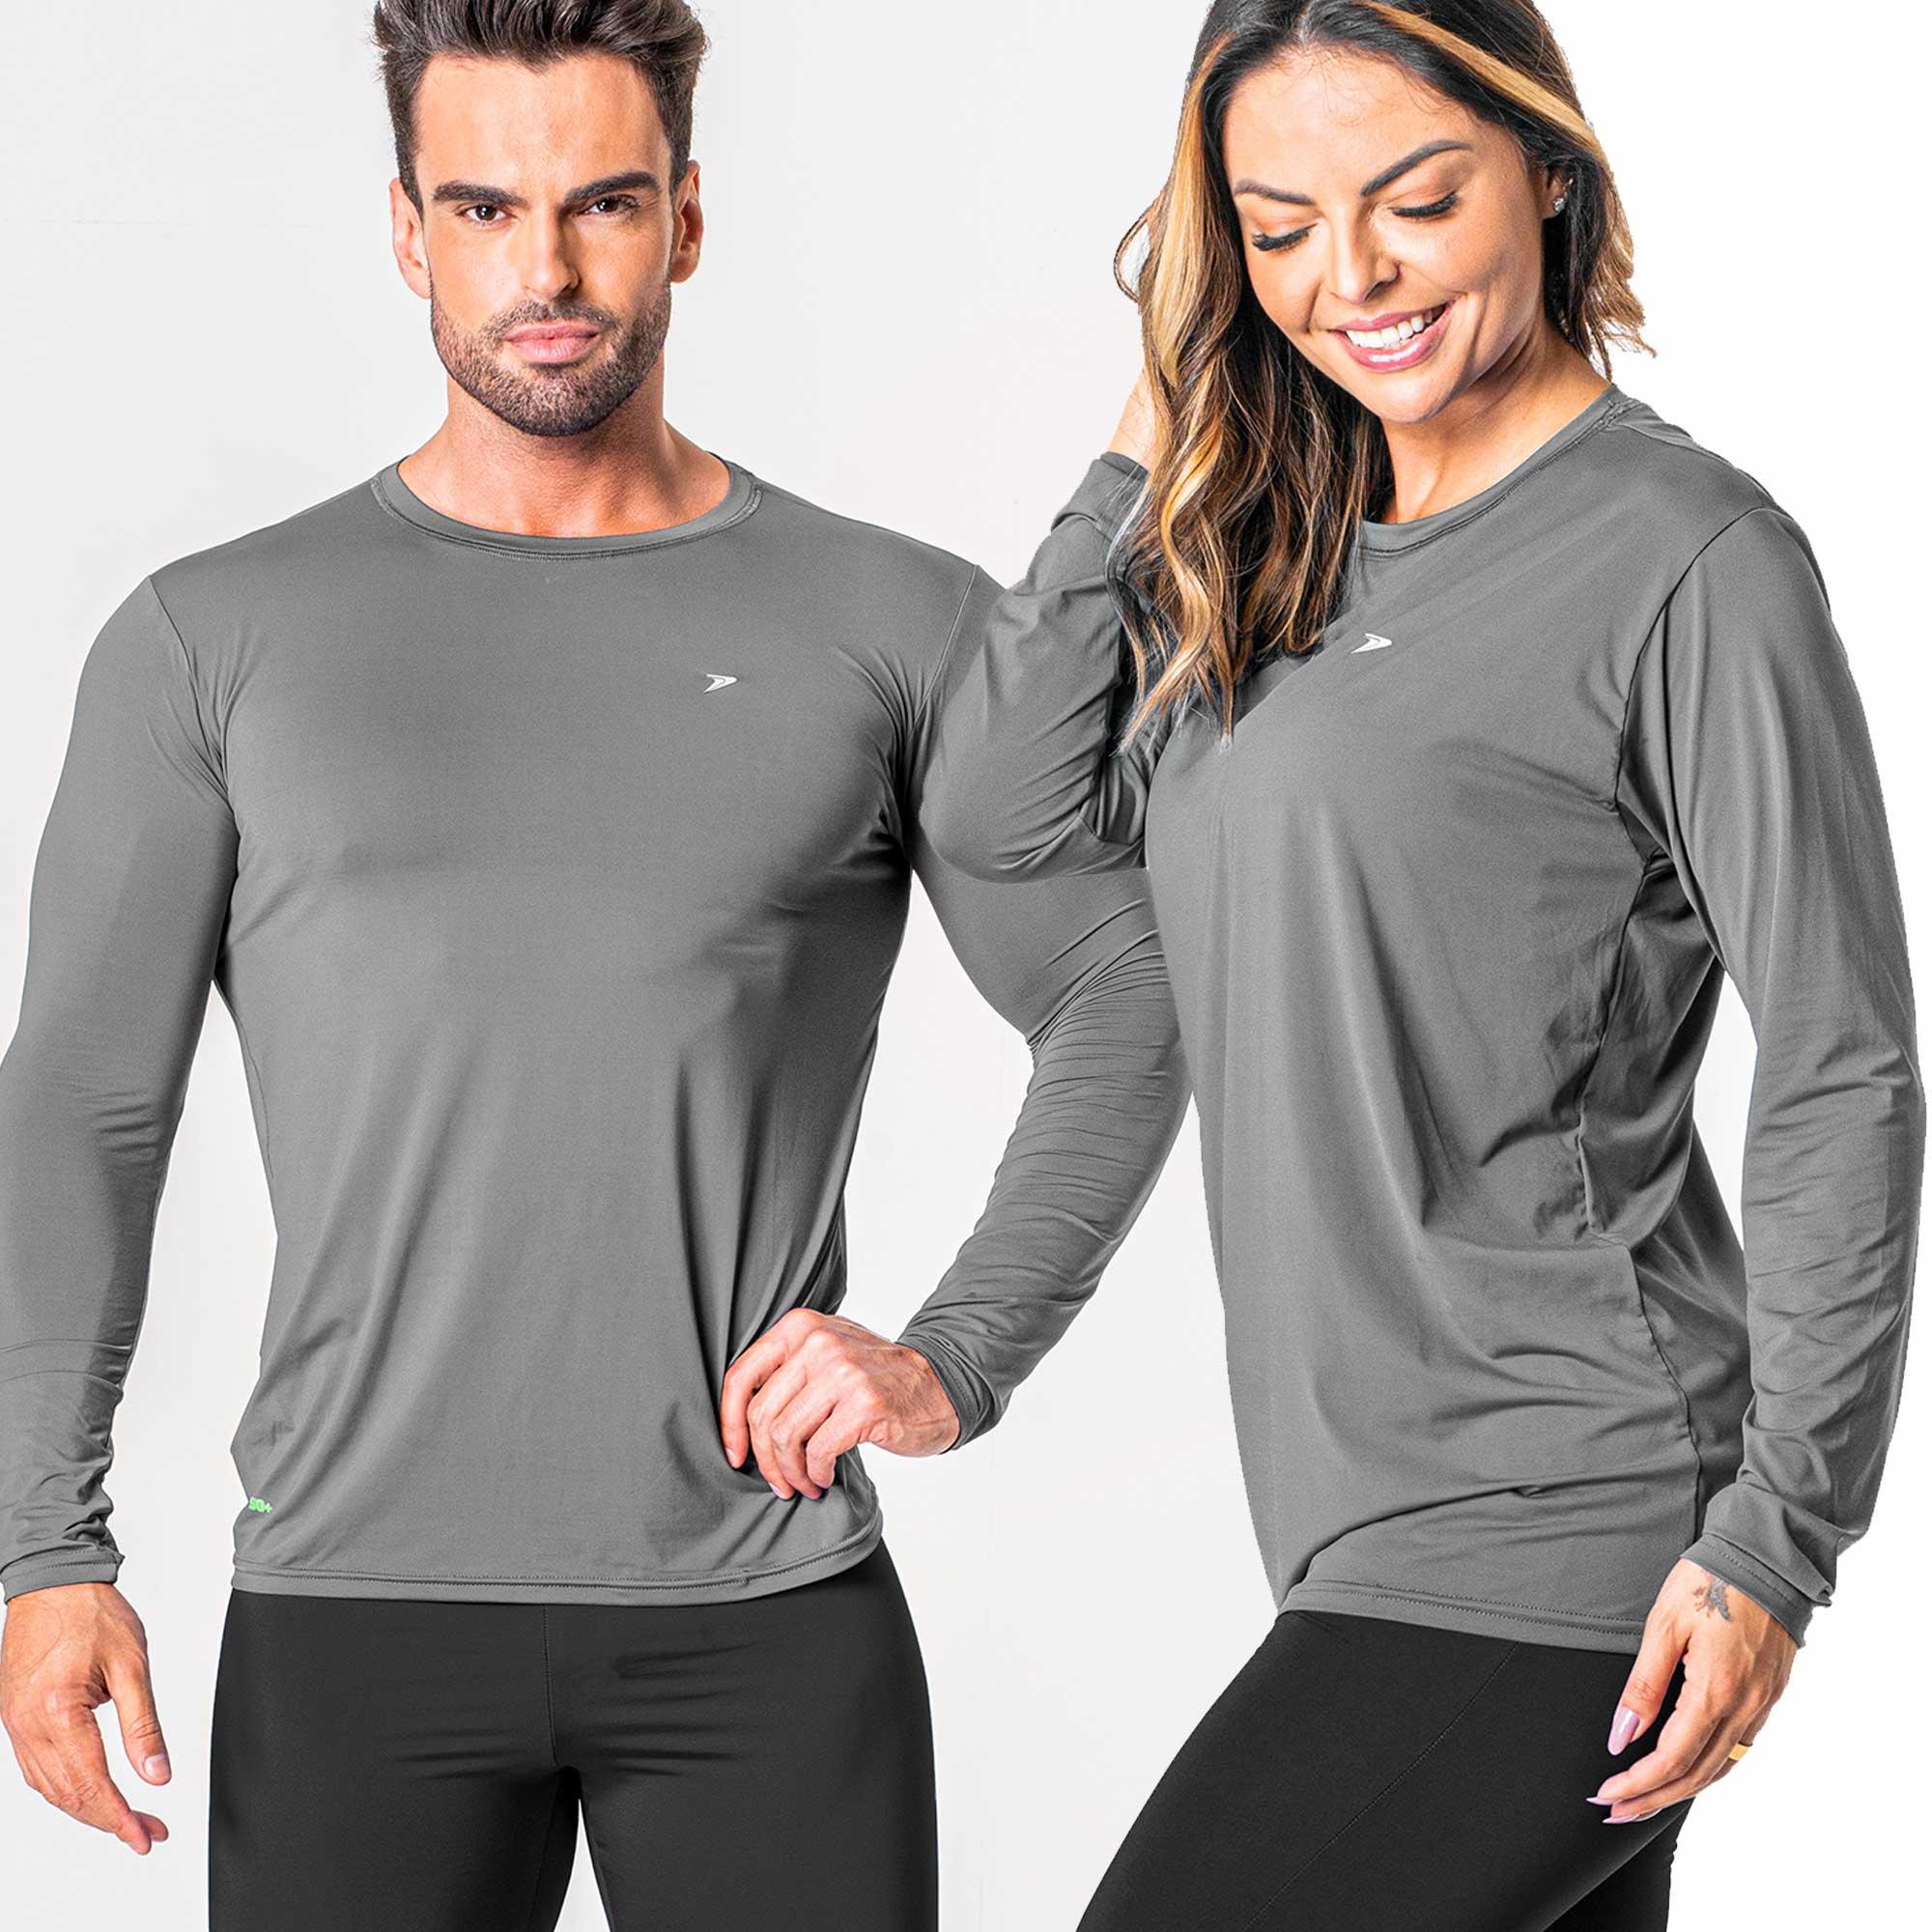 Camiseta Fator de Proteção Comfort Poliamida UV 50+ M/L 04126